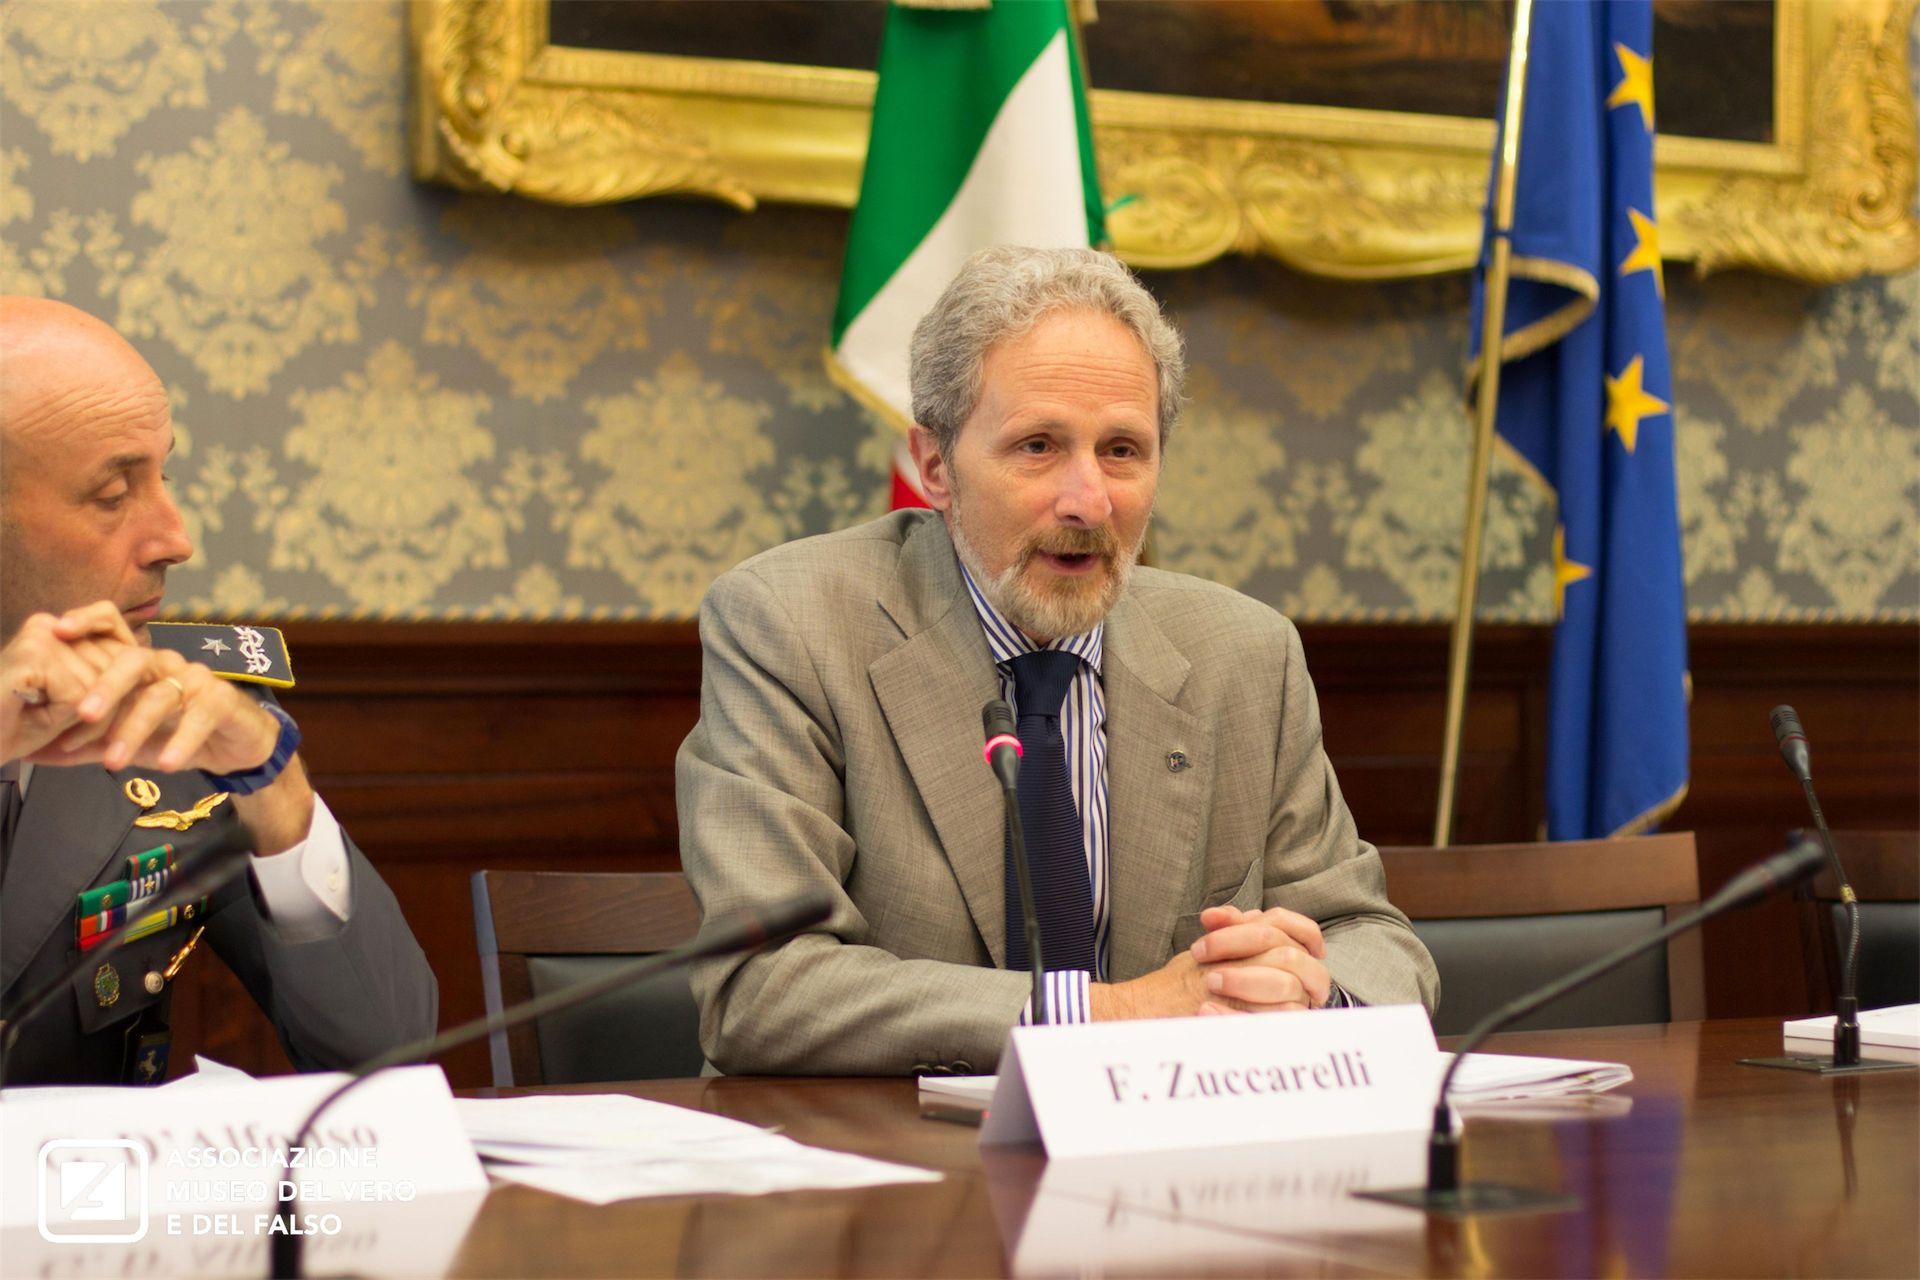 Fausto Zuccarelli | Settimana Nazionale Anticontraffazione